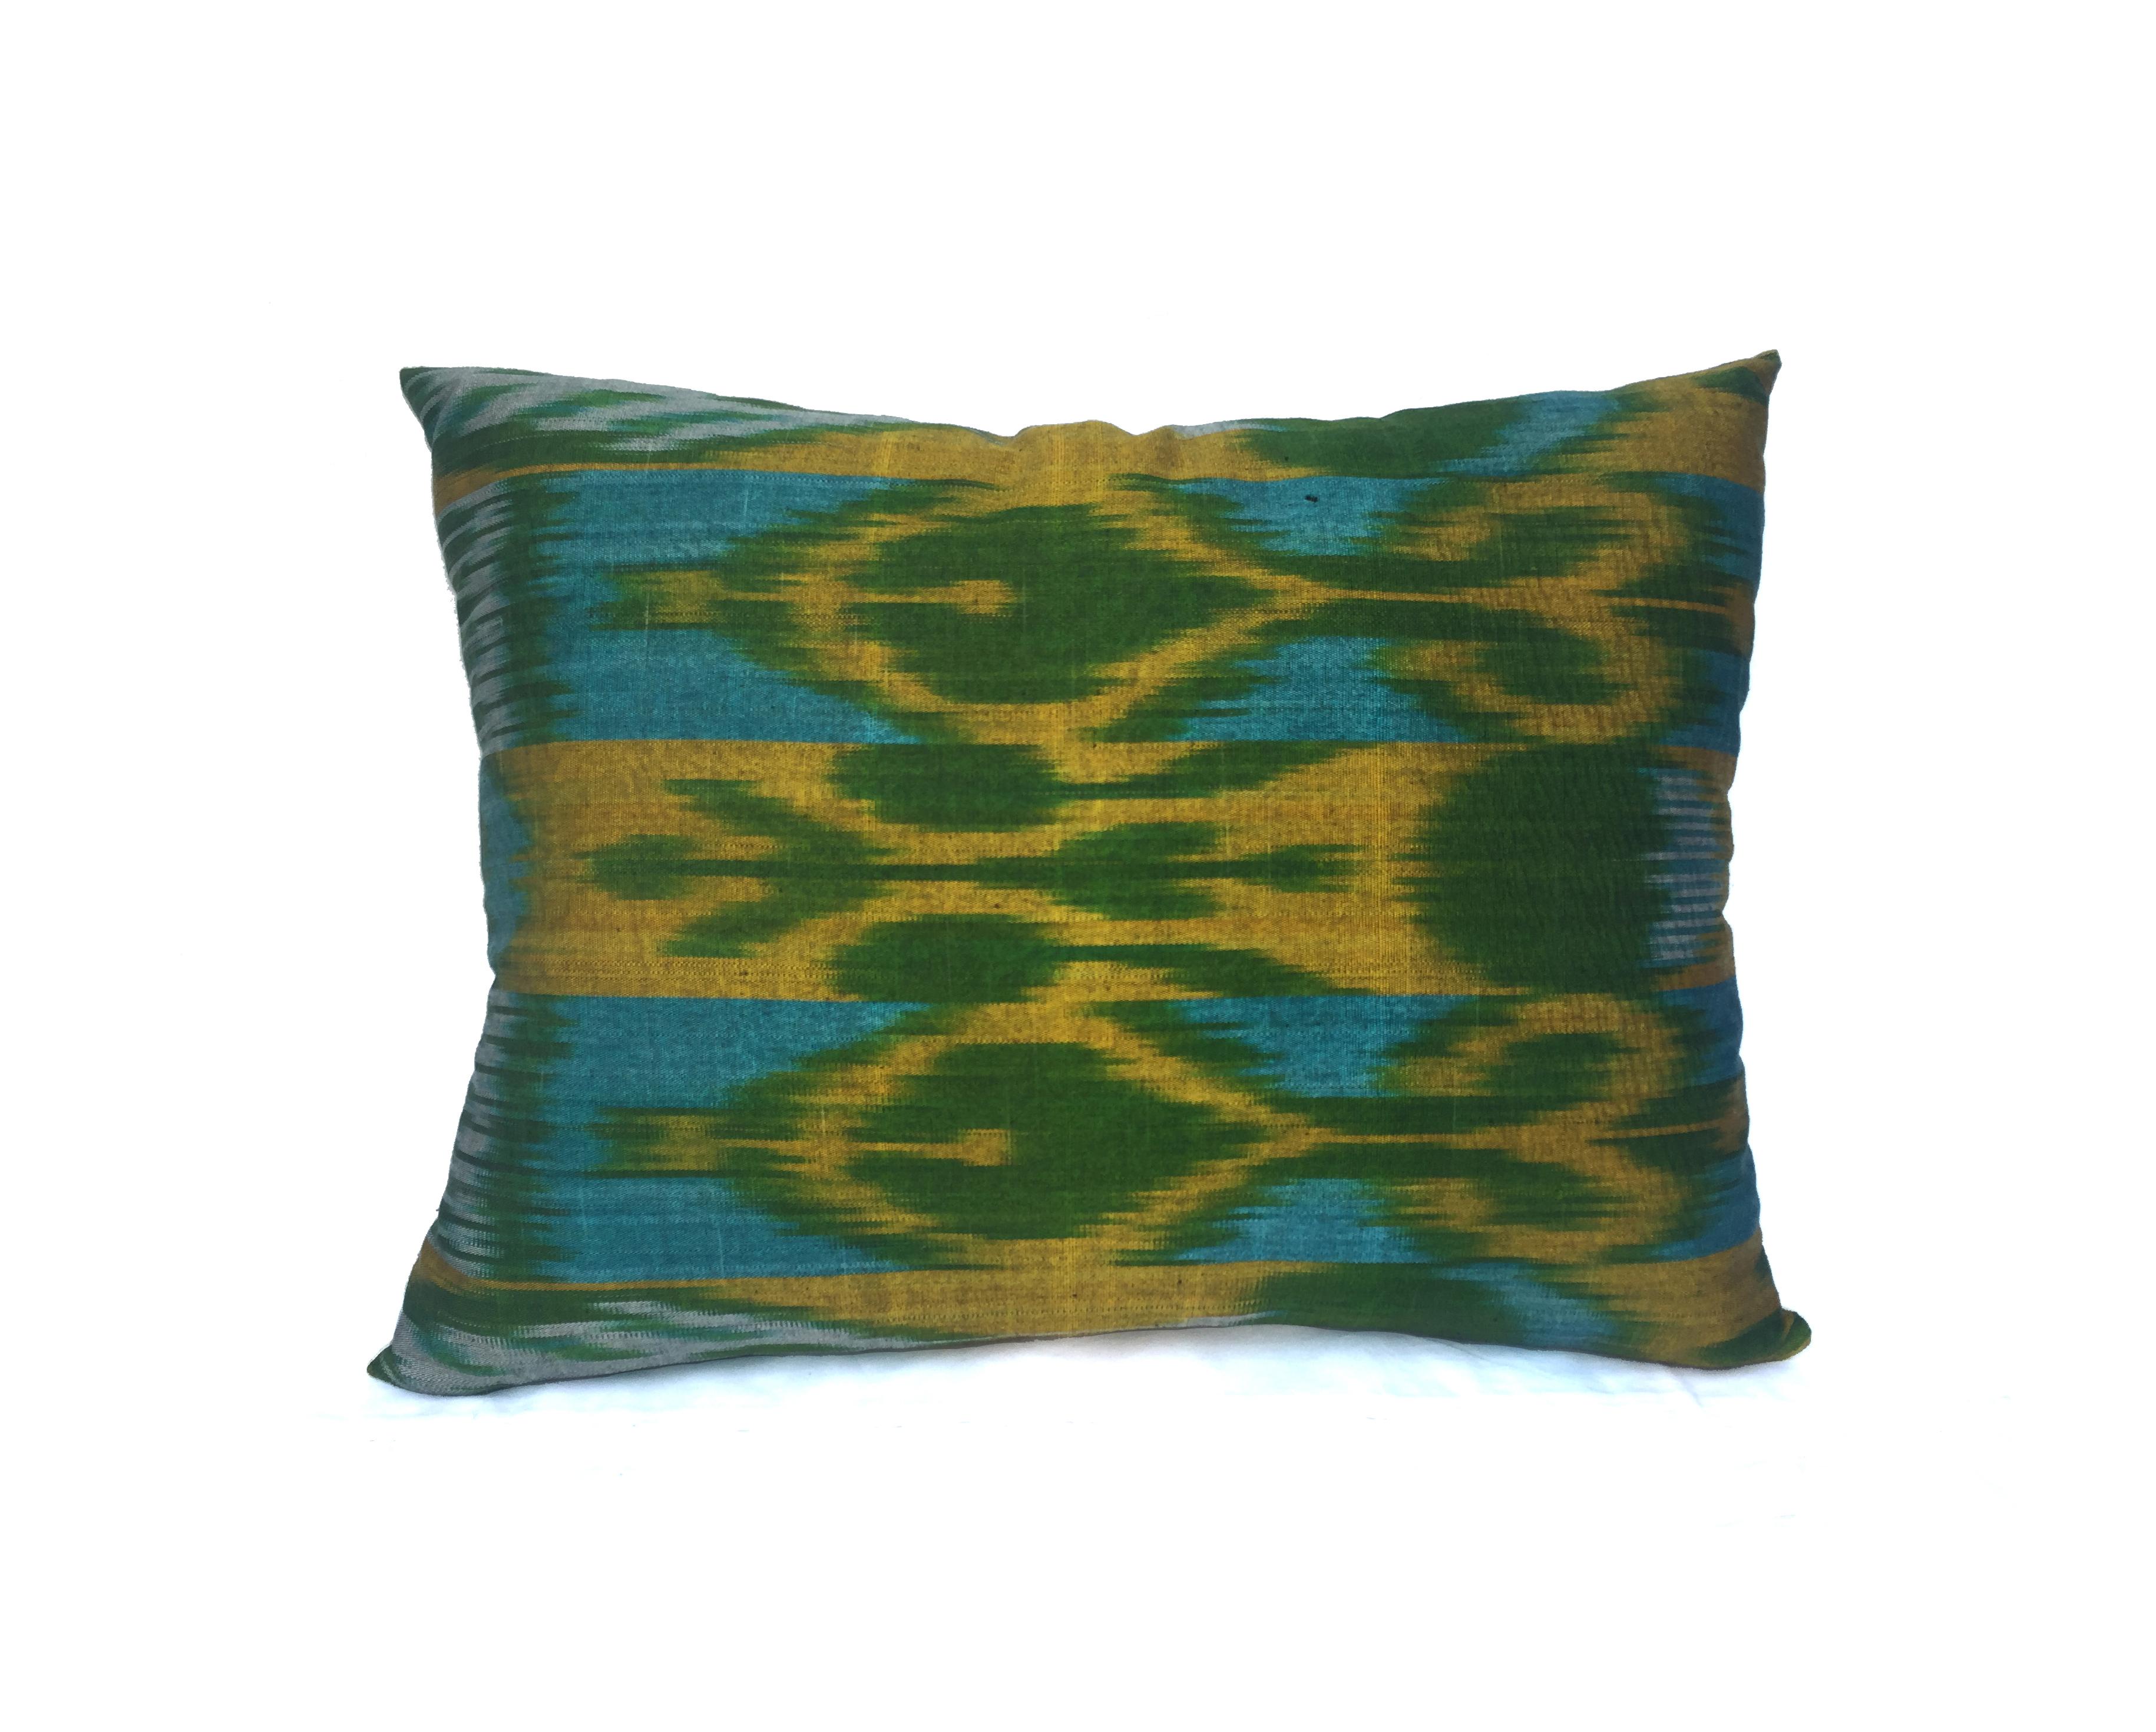 Almohadón Ikat seda verde amarillo y turquesa